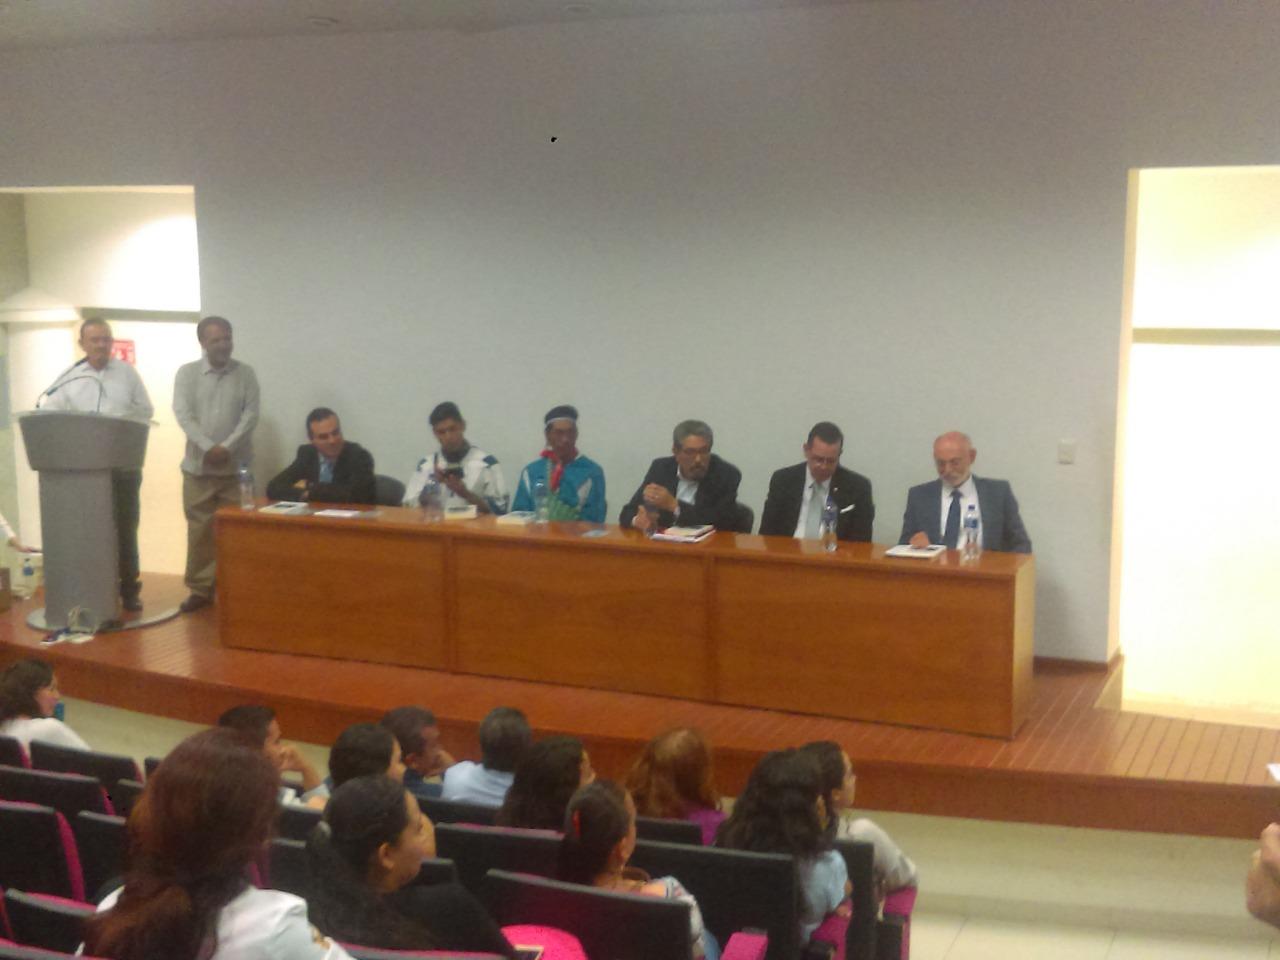 Miembros del presídium durante la presentación del libro